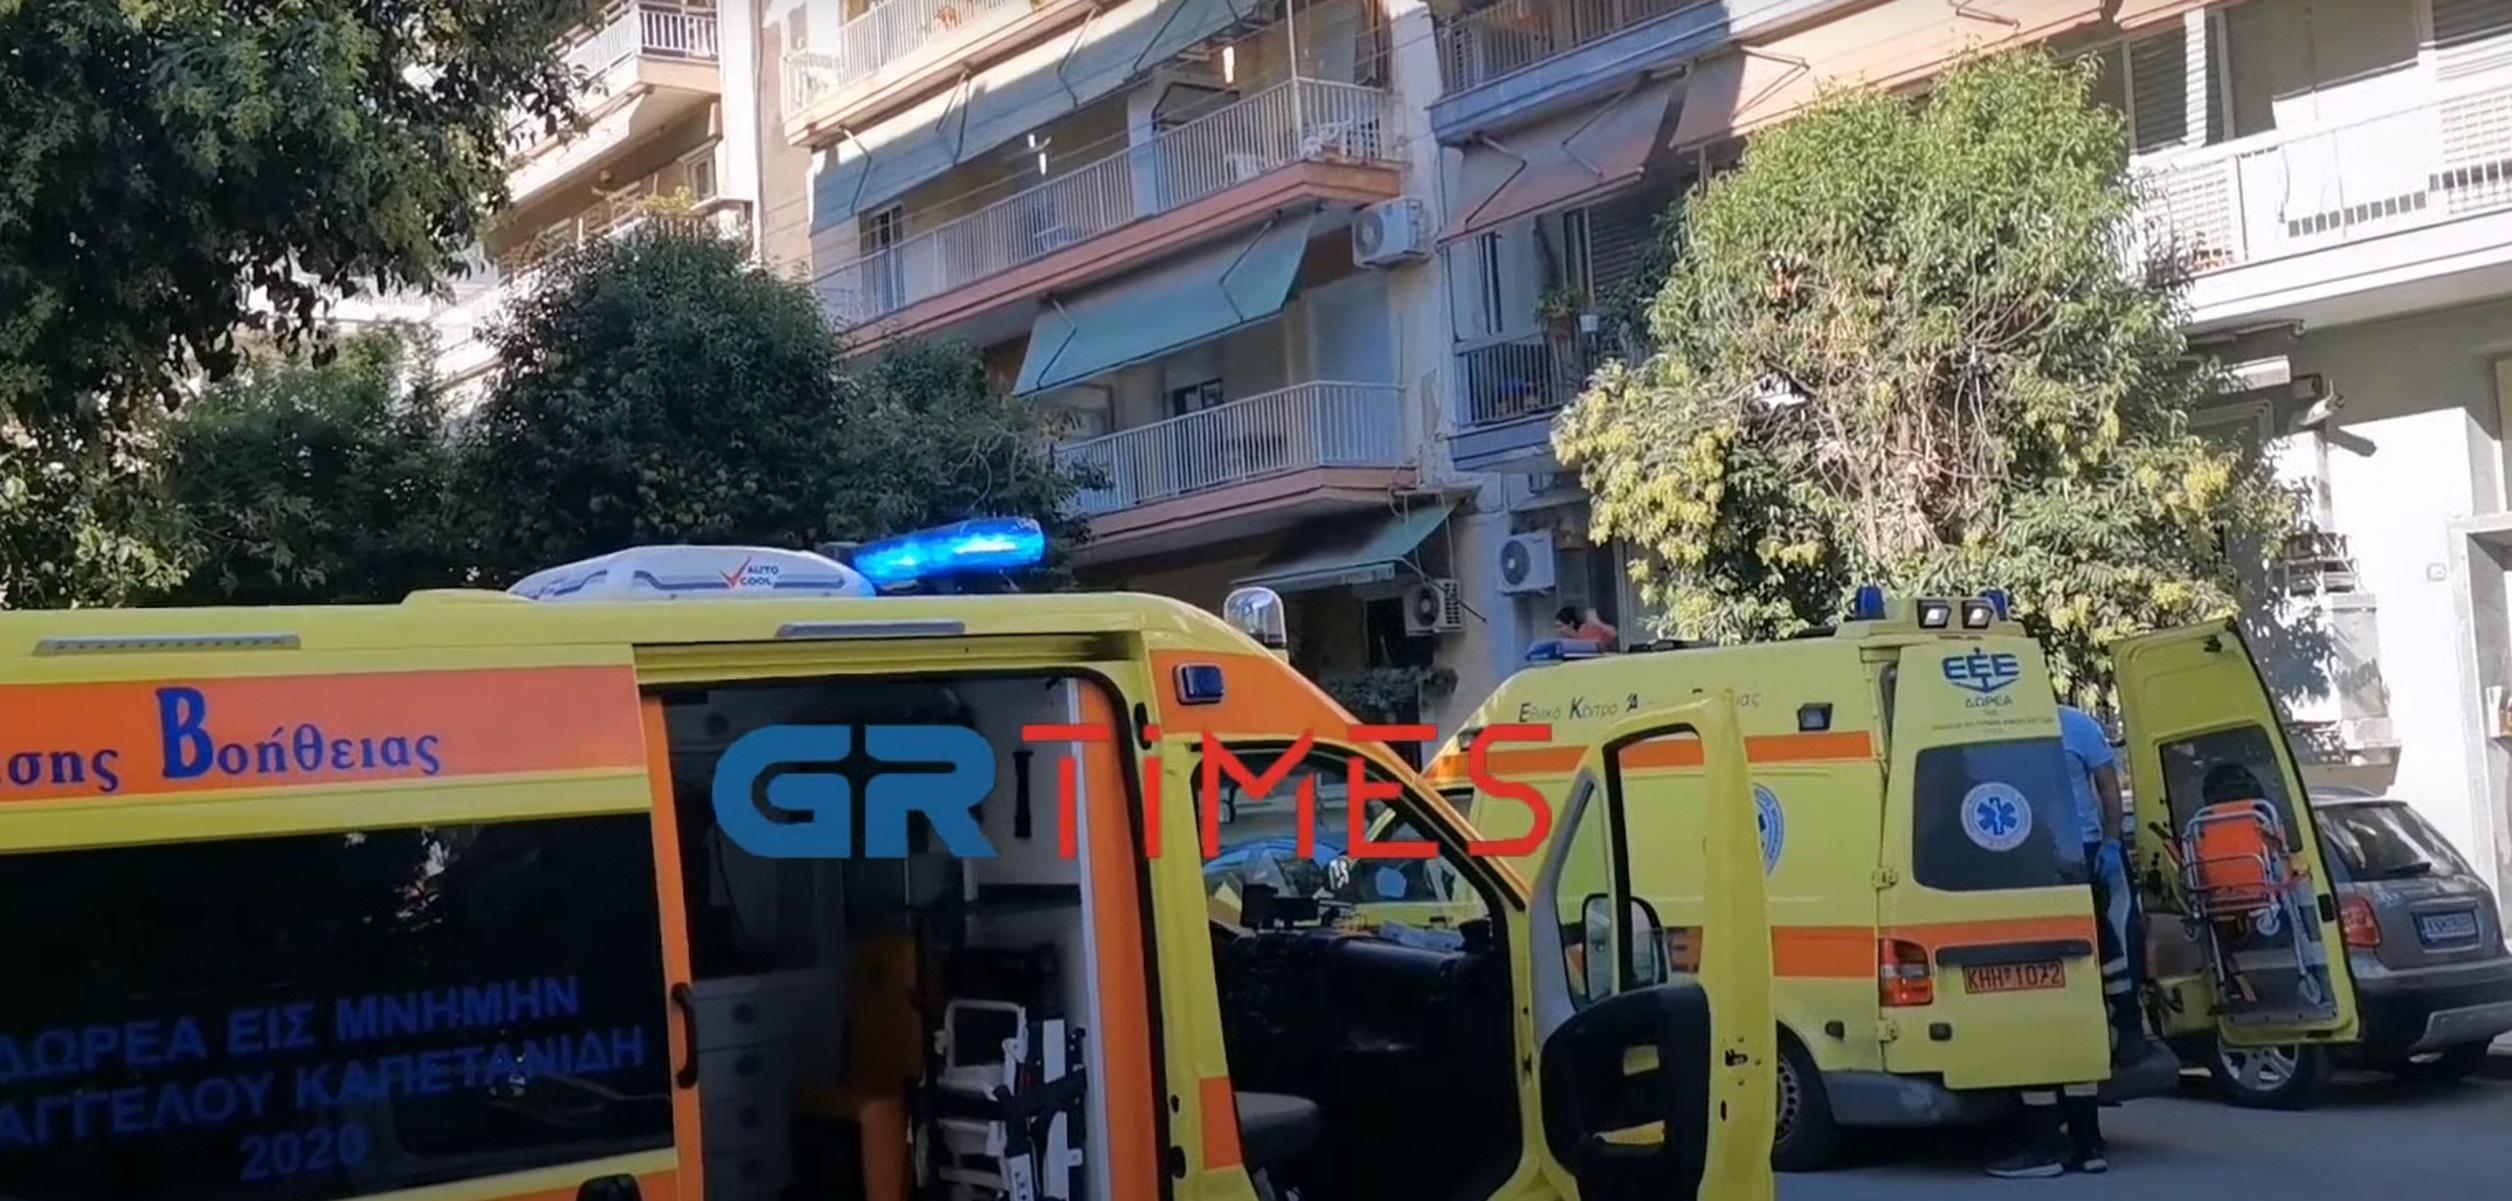 Θεσσαλονίκη: Νεκρός ο άνδρας που έπεσε από τον 2ο όροφο